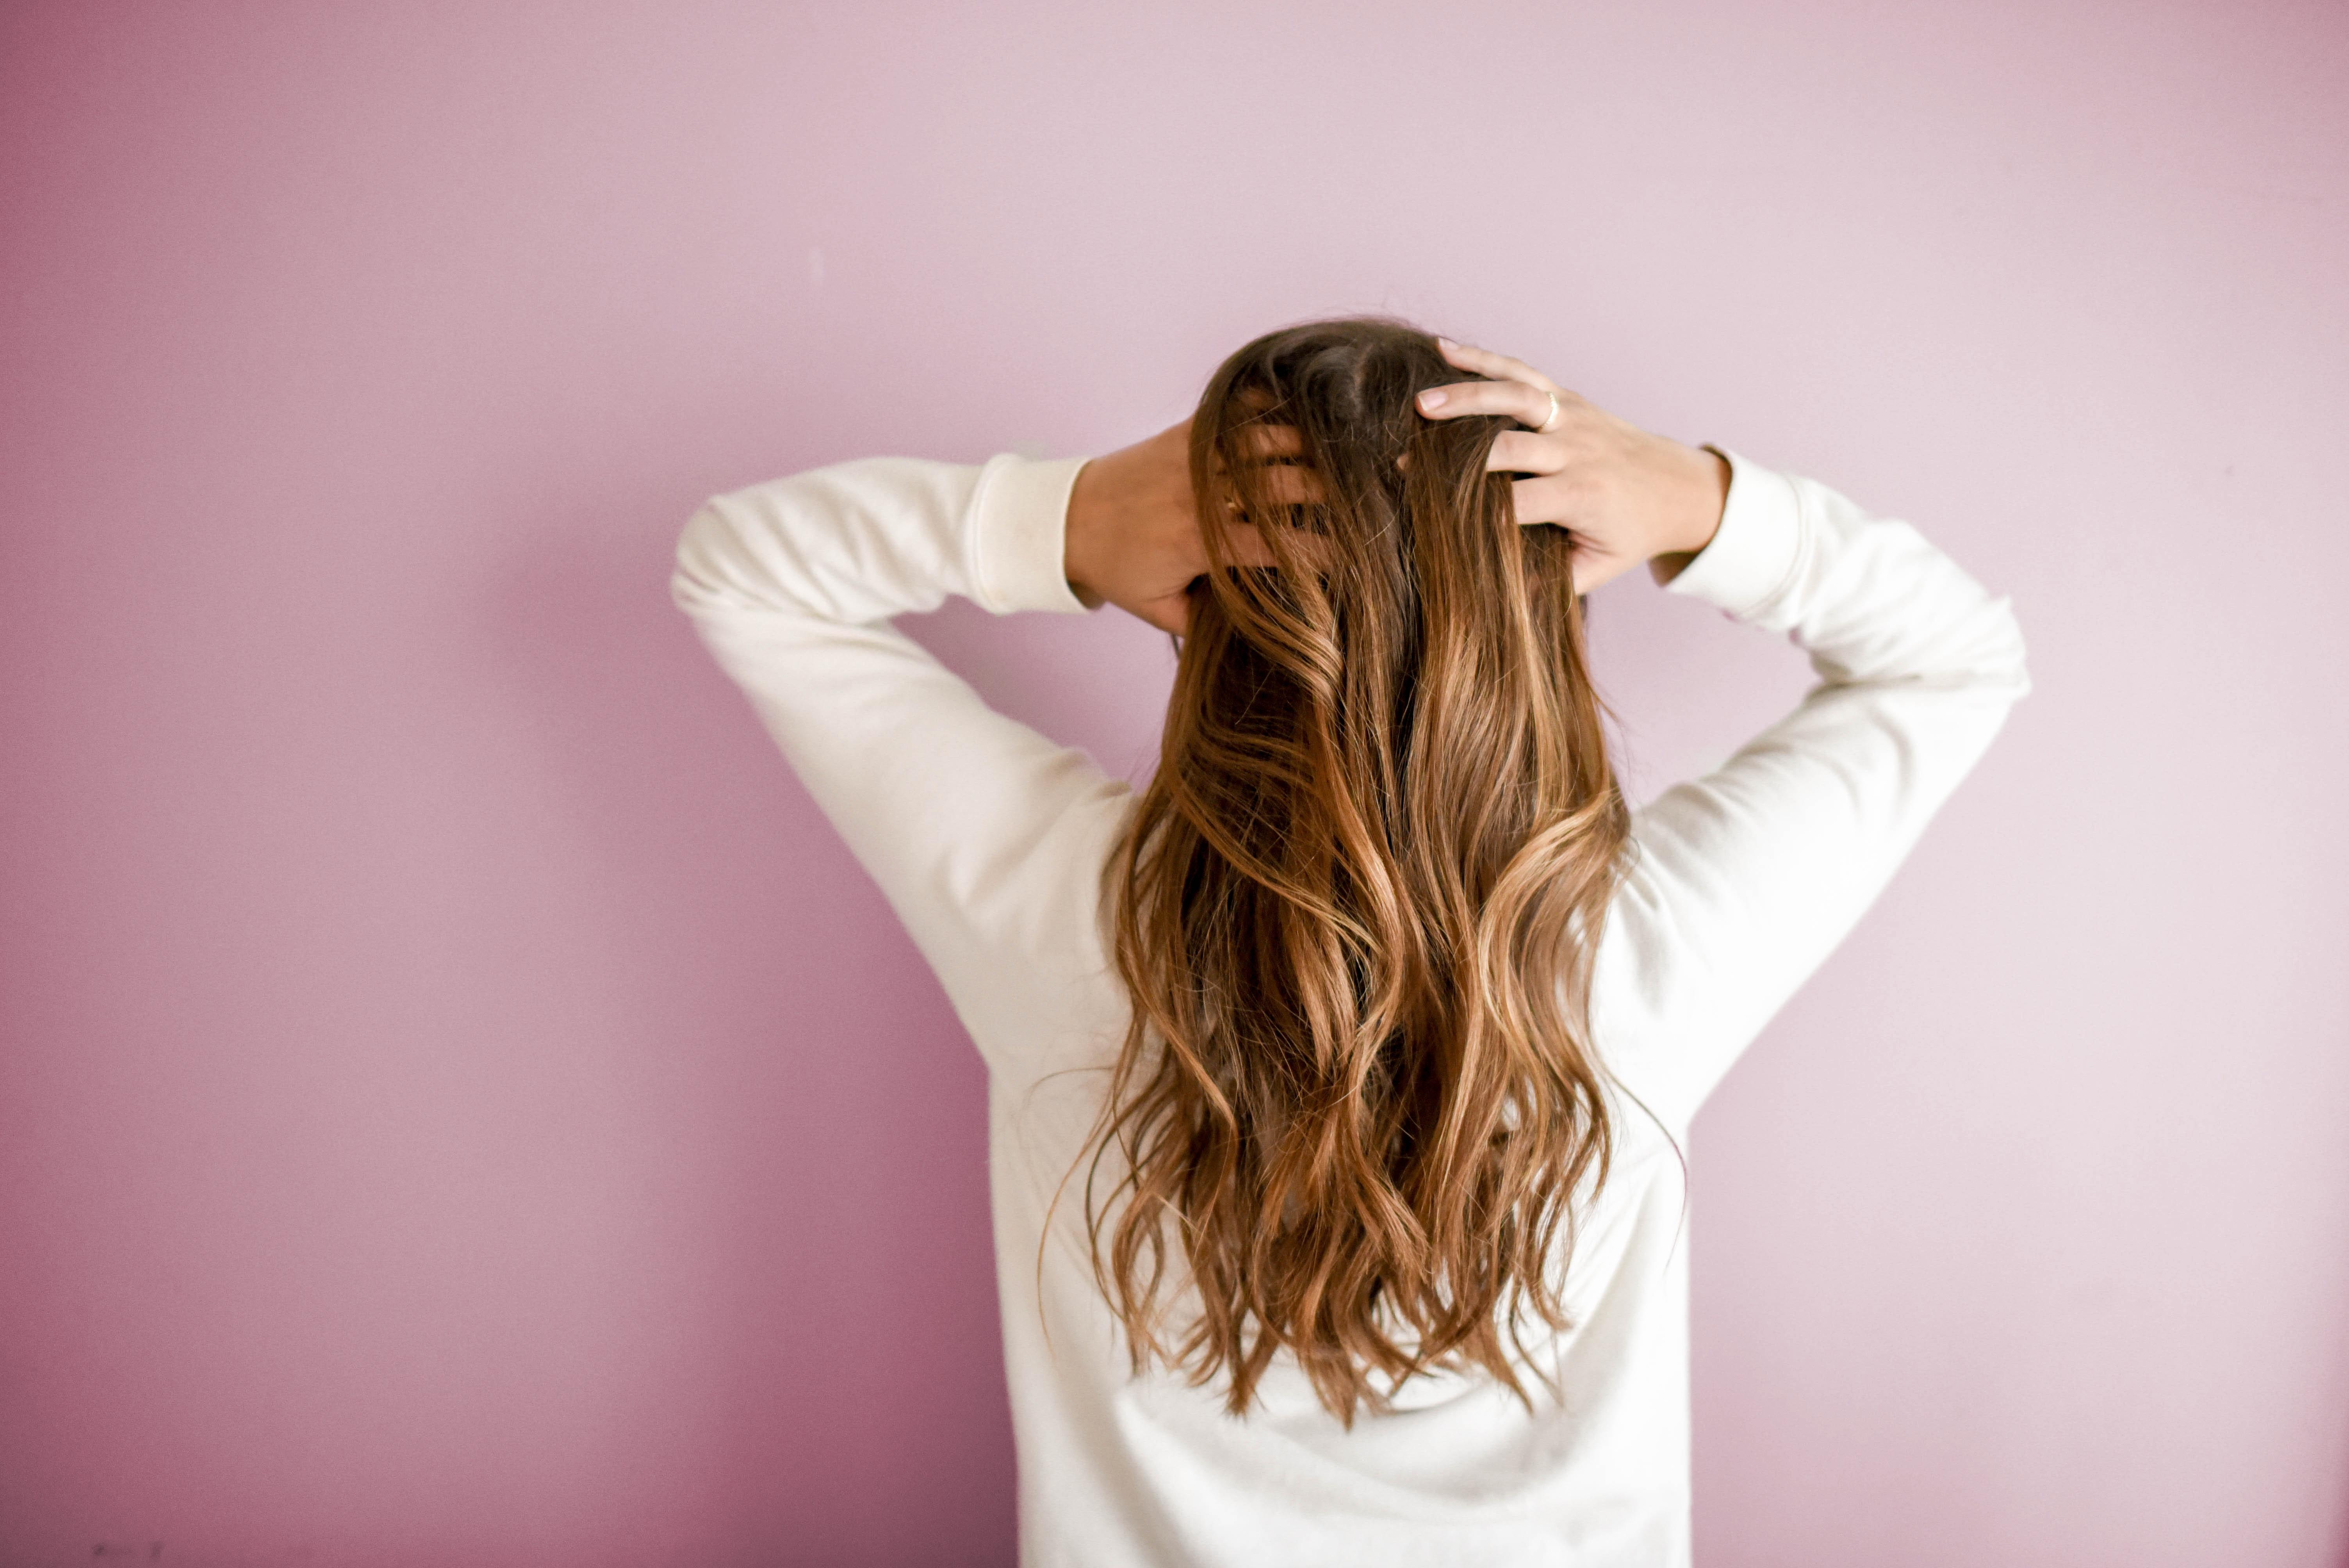 1000 Great Hair Photos Pexels Free Stock Photos